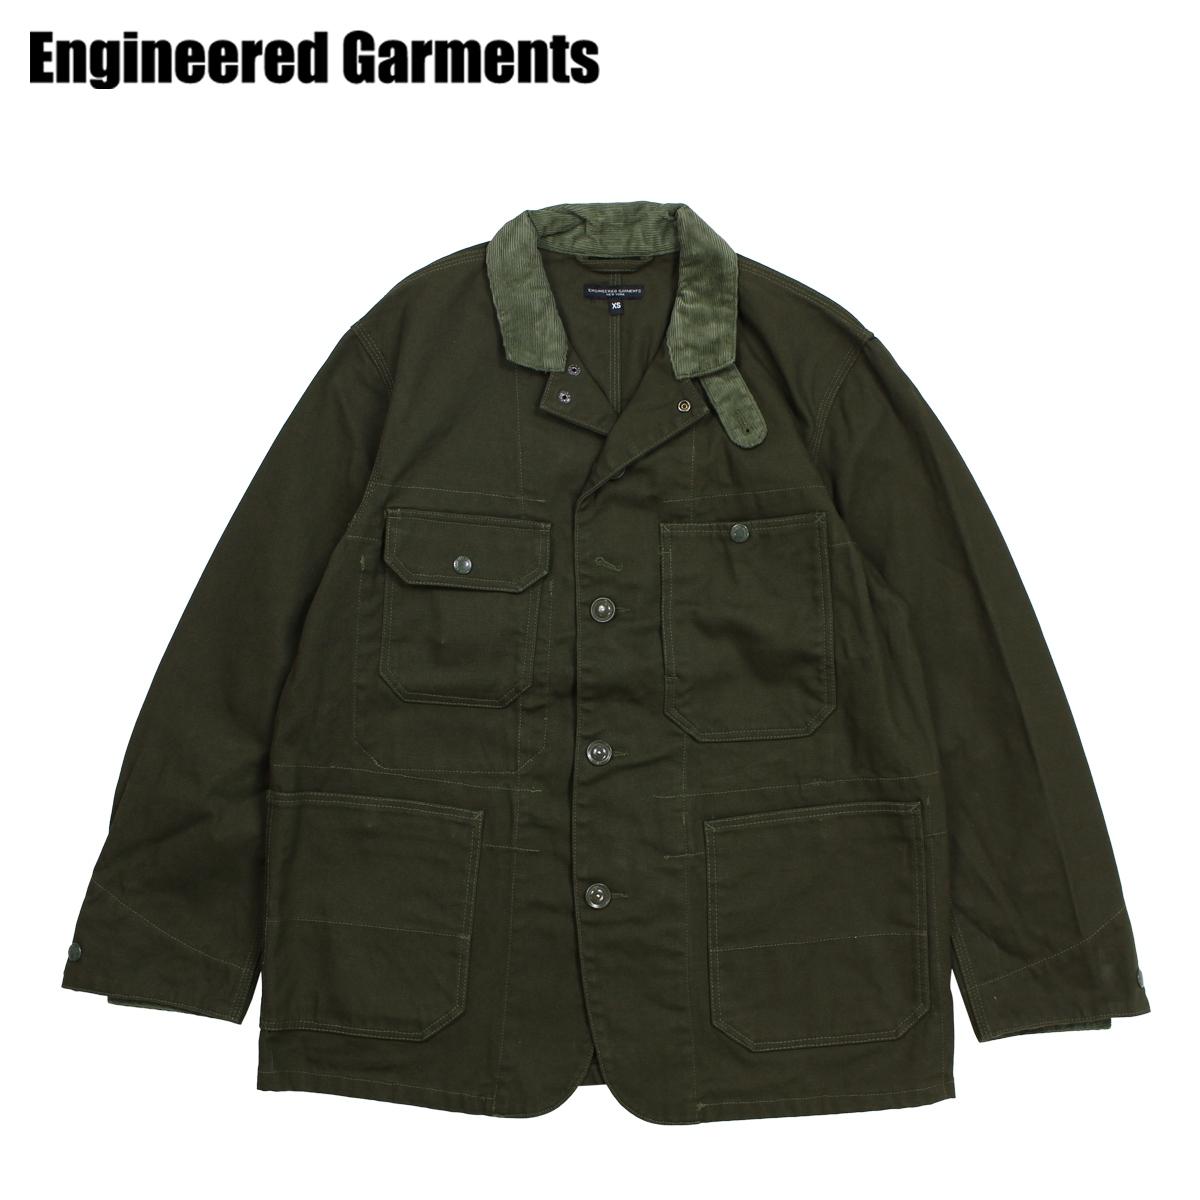 ENGINEERED GARMENTS LOGGER JACKET エンジニアドガーメンツ ジャケット メンズ ロング オリーブ F8D1071